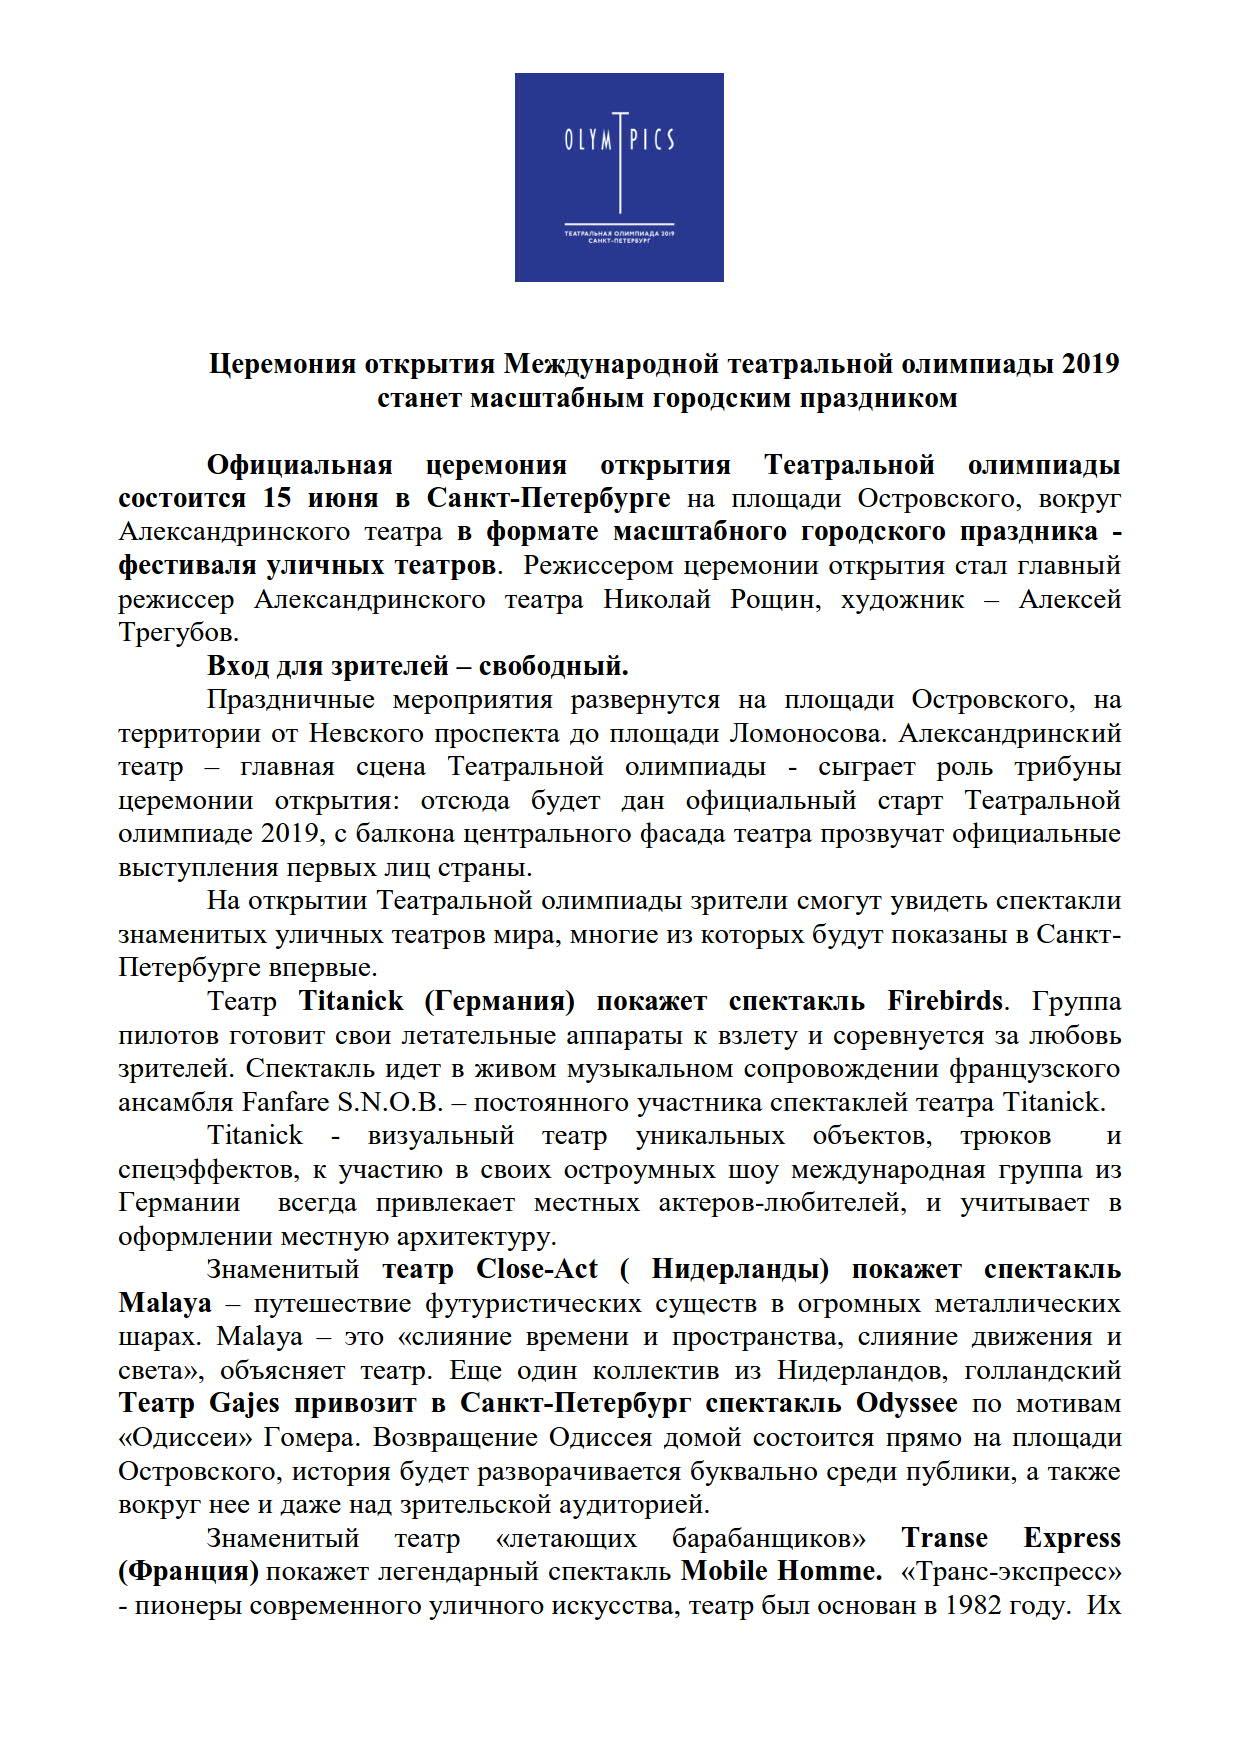 Пресс-релиз Театральная Олимпиада_1